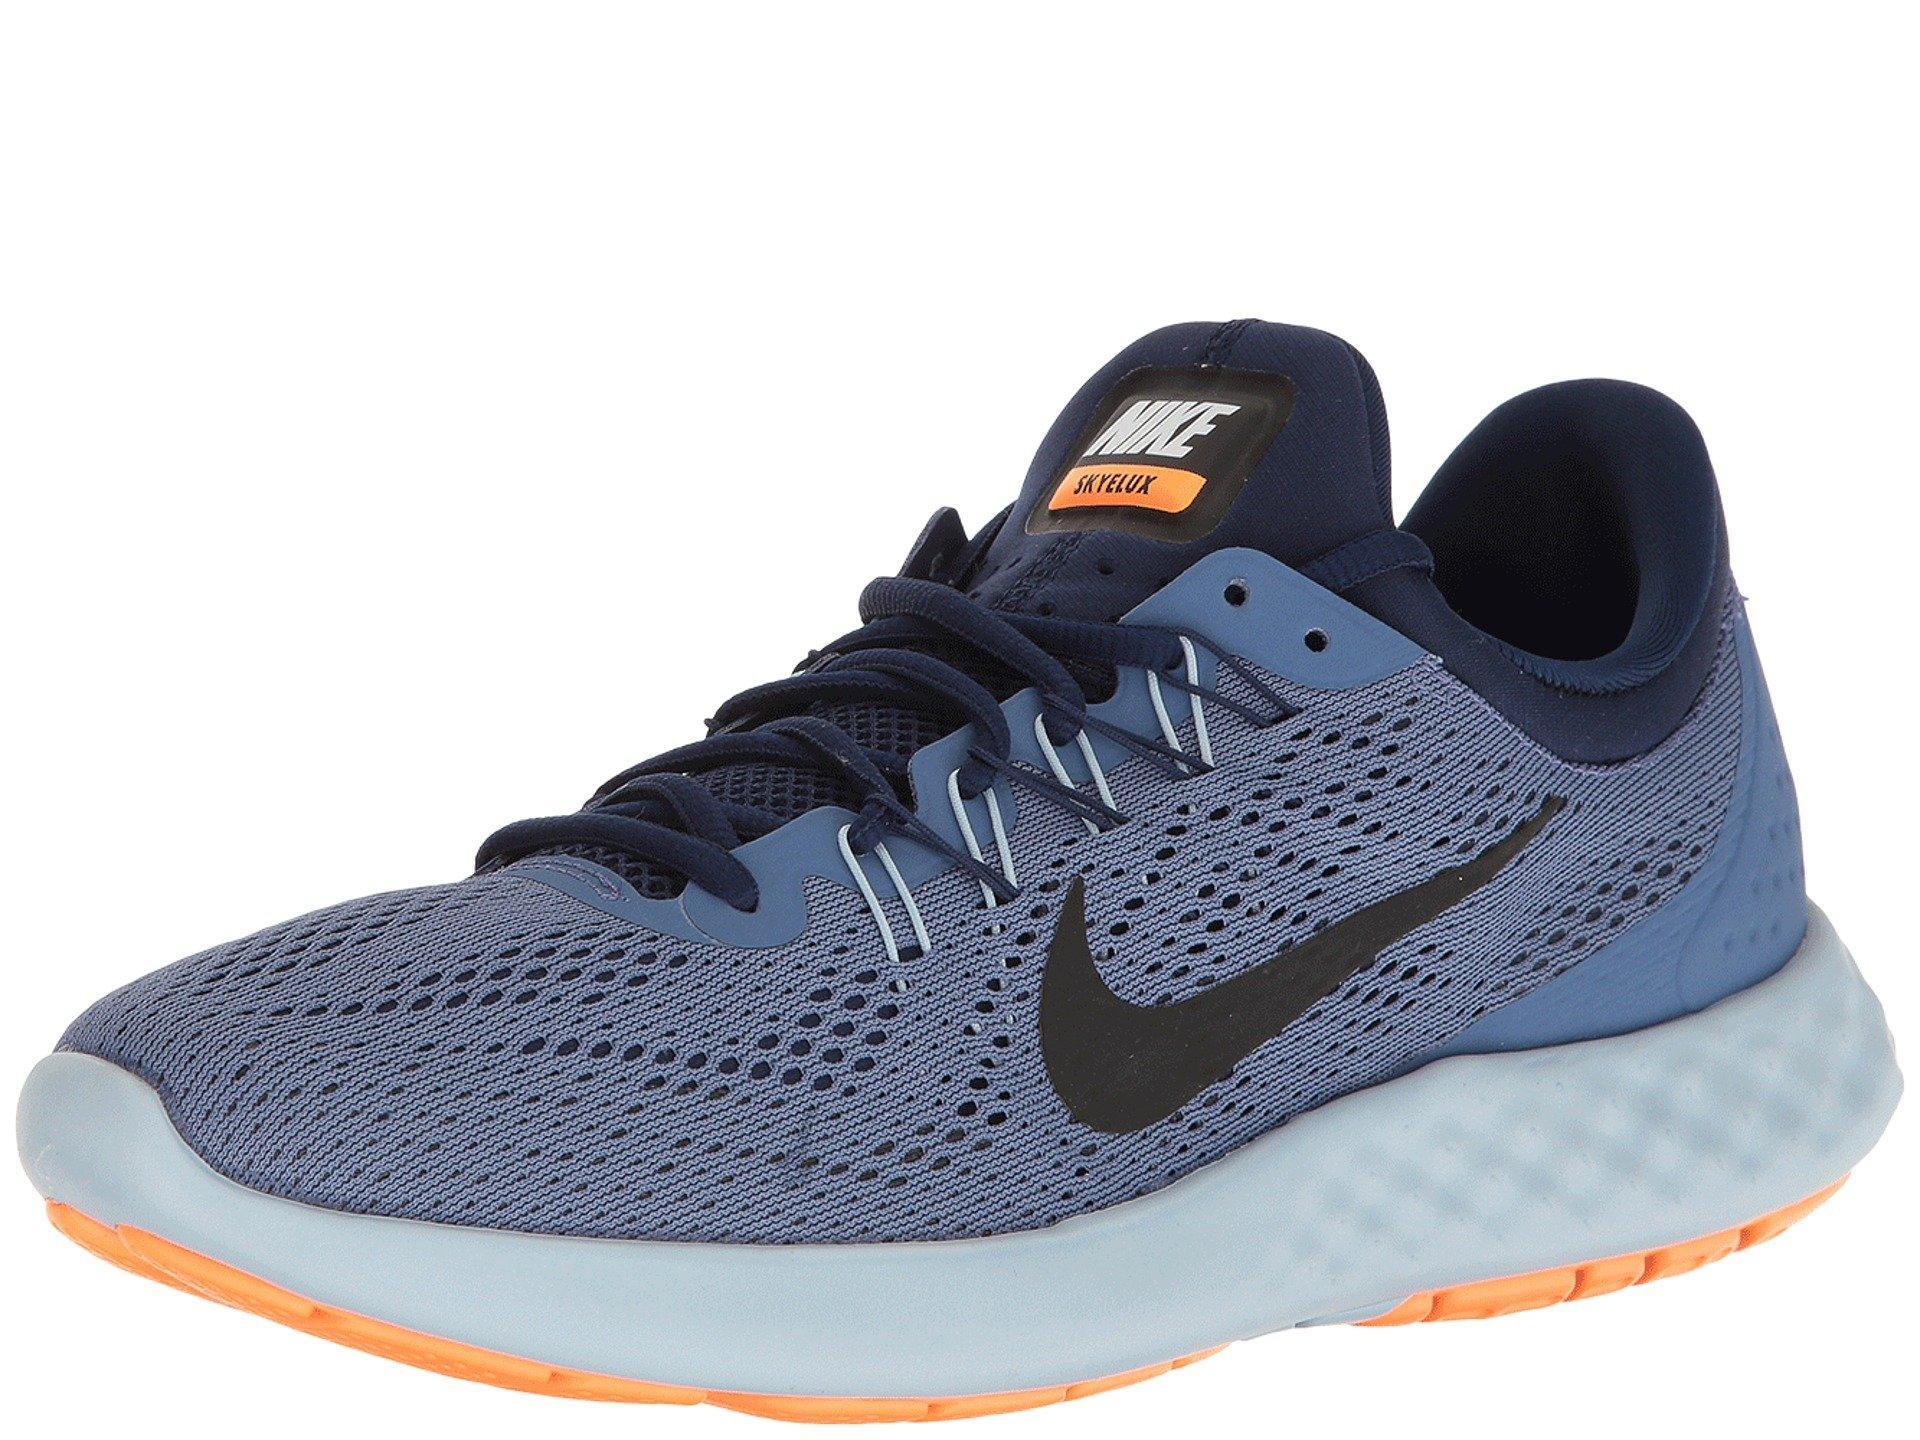 b56e6e28bae Nike Lunar Skyelux